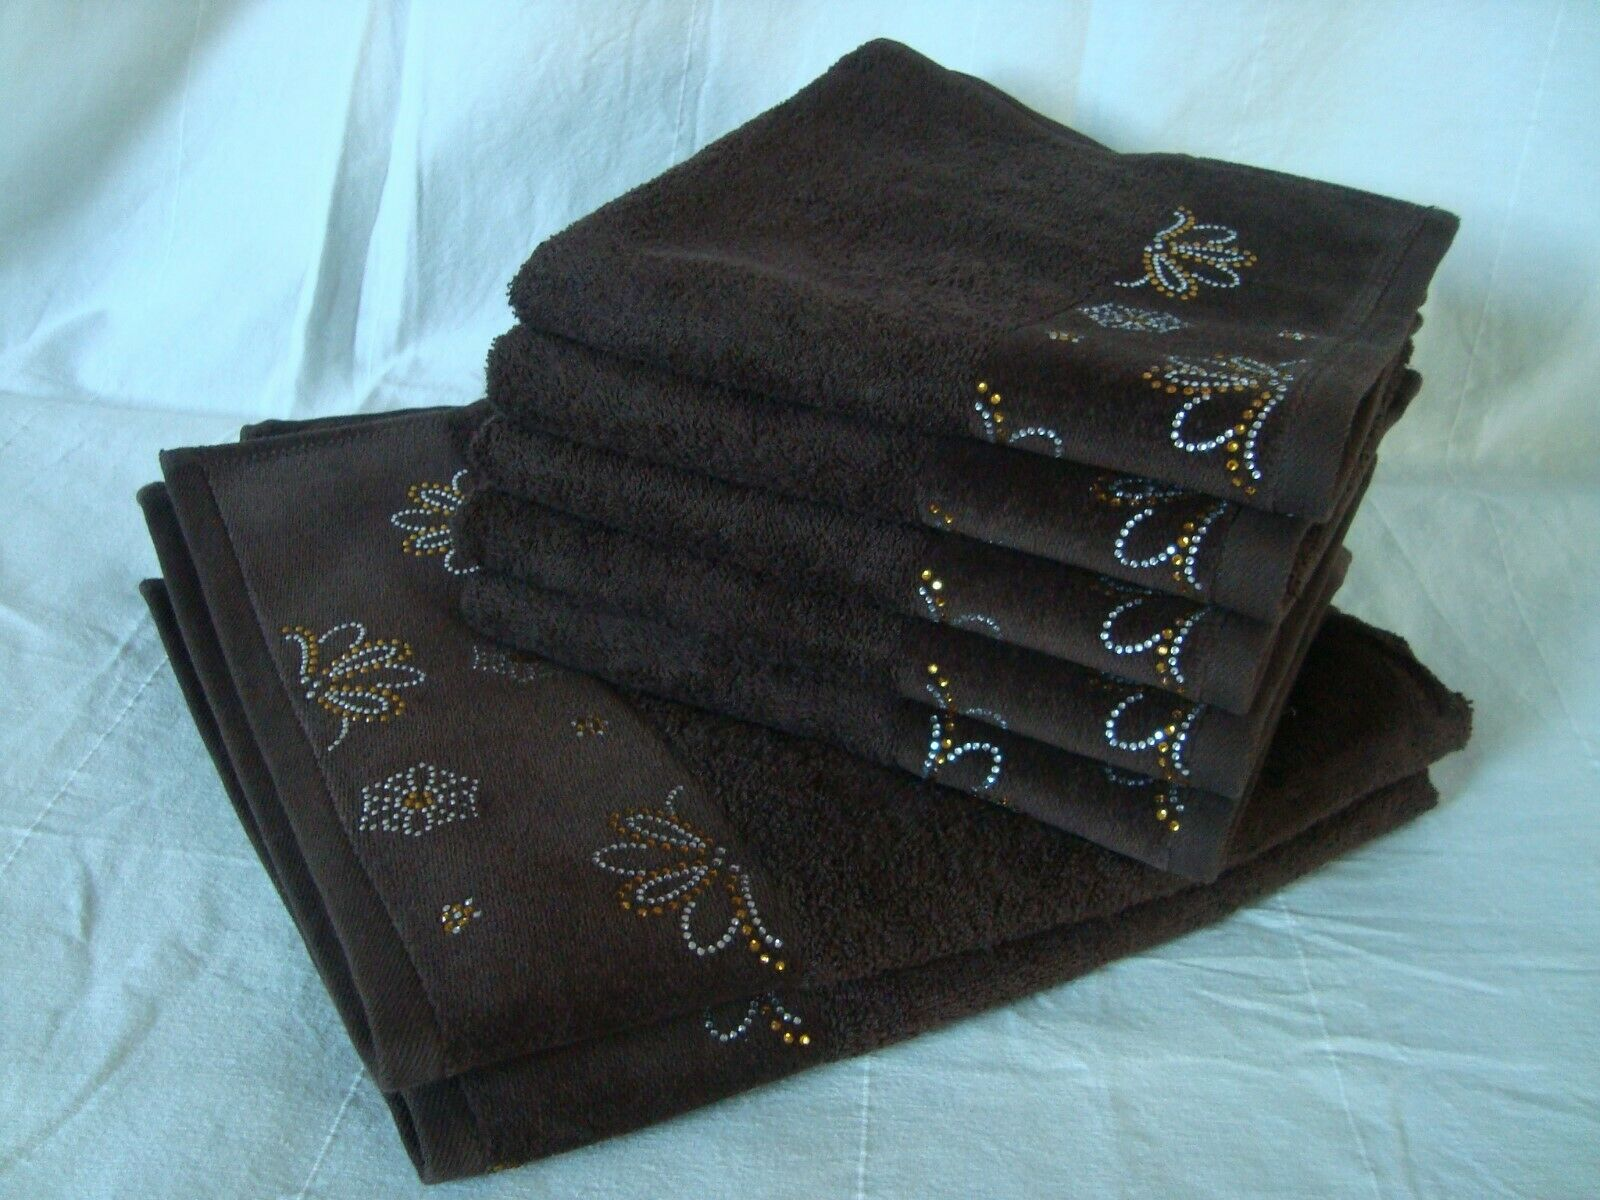 Bling Bling Frottier-Set  Schoko   - 5 5 5 Handtücher und 2 Duschtücher mit Glitzer b9e3c9